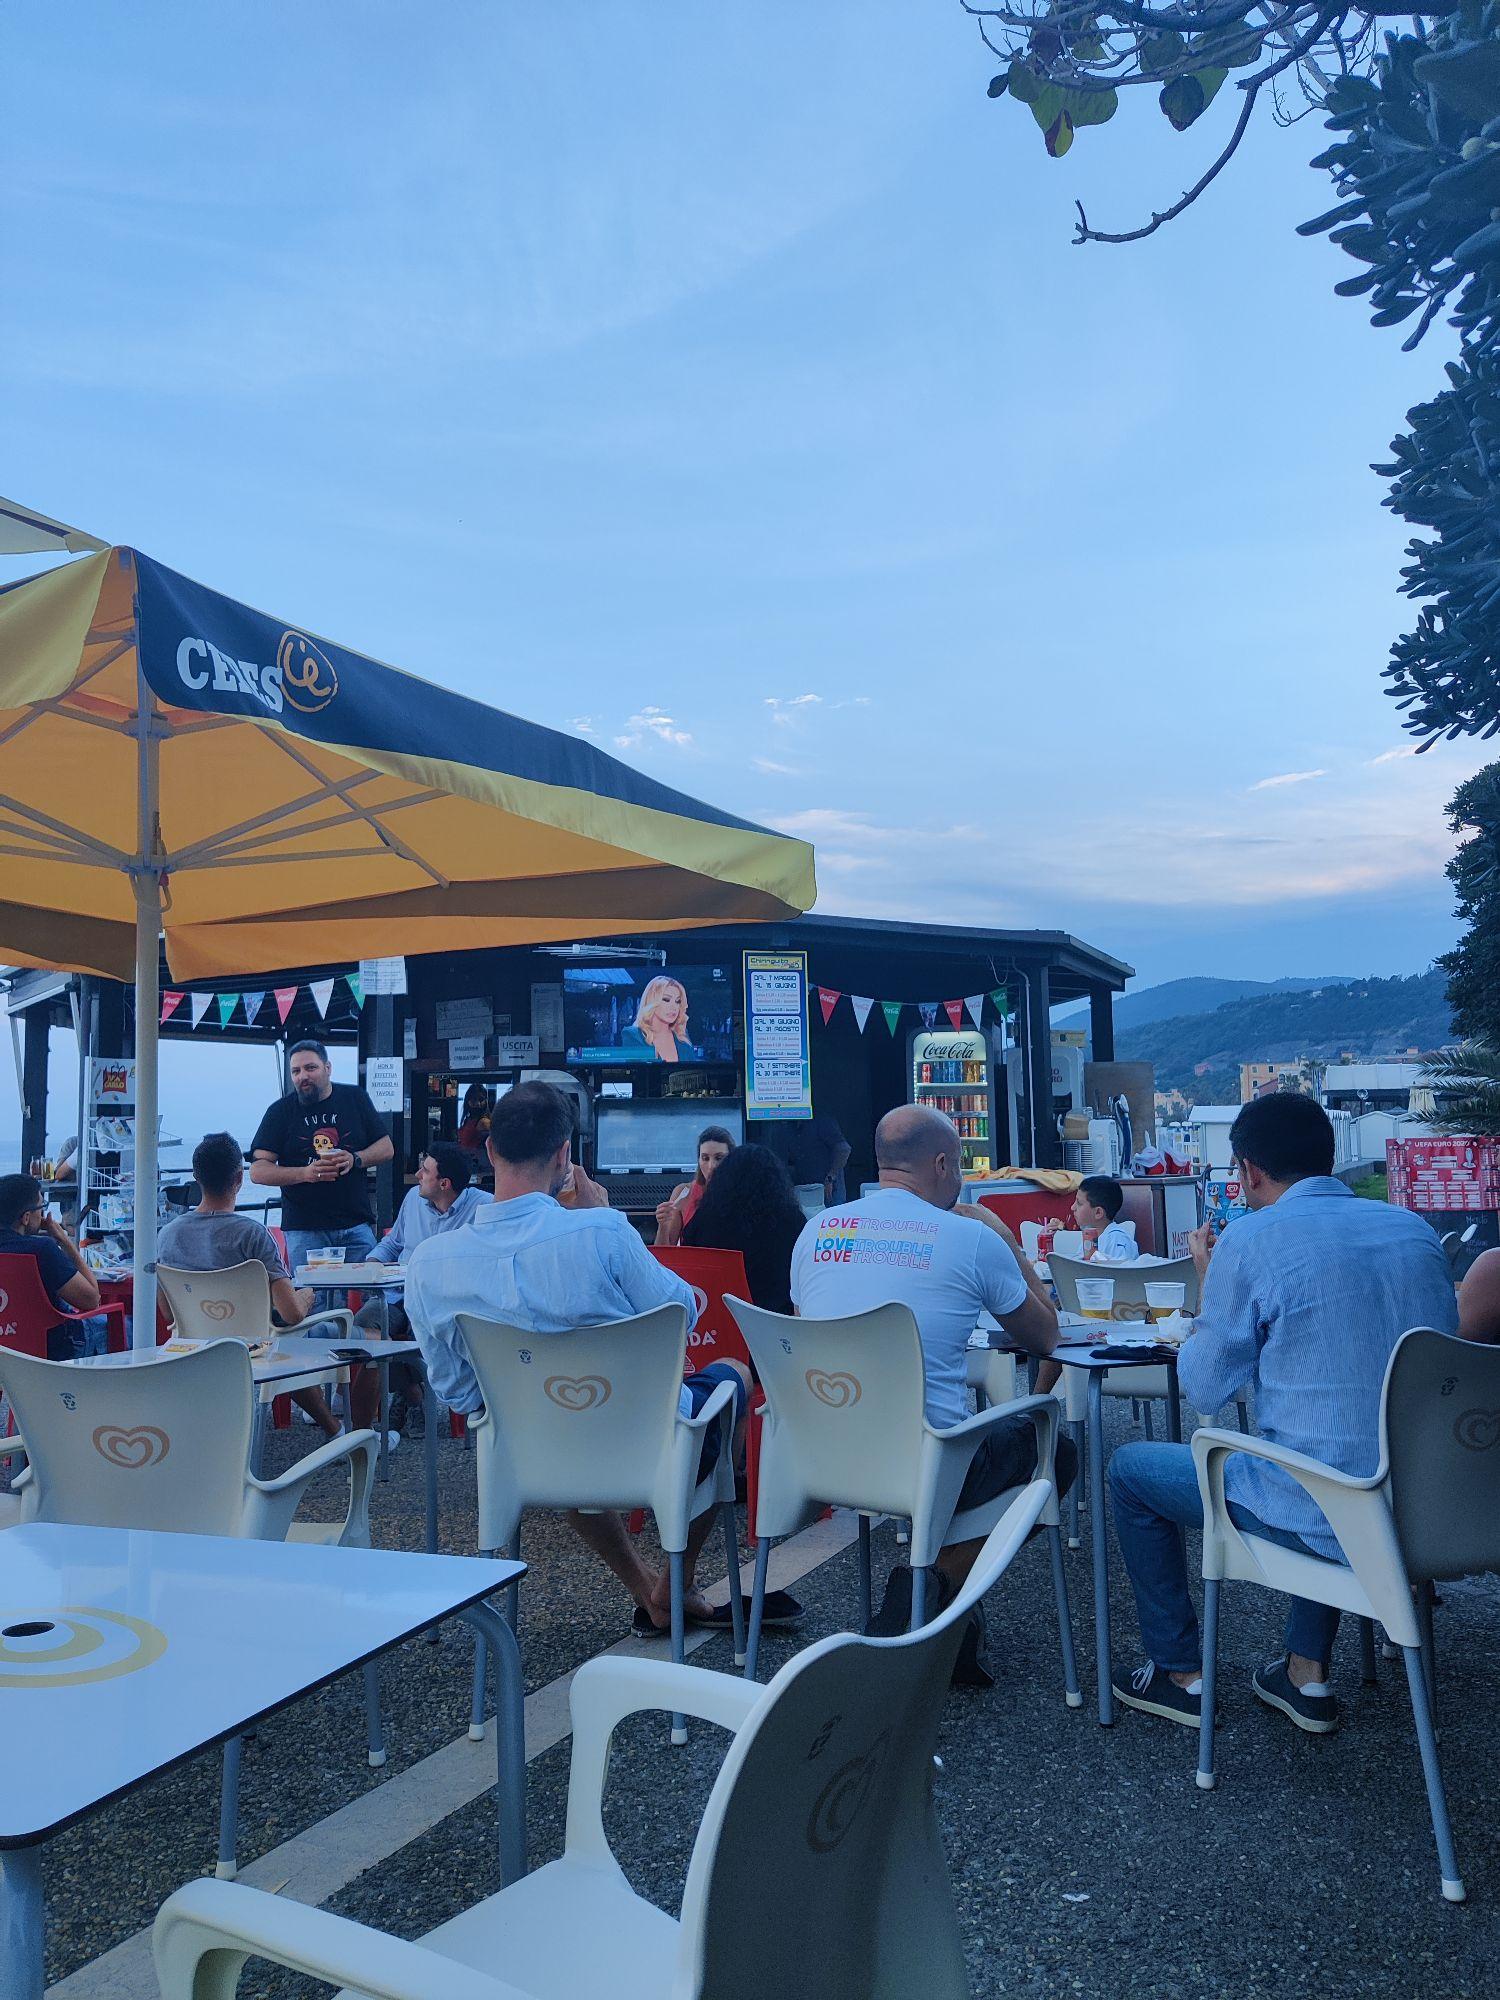 Народ готовится смотреть матч Италия - Швейцария.